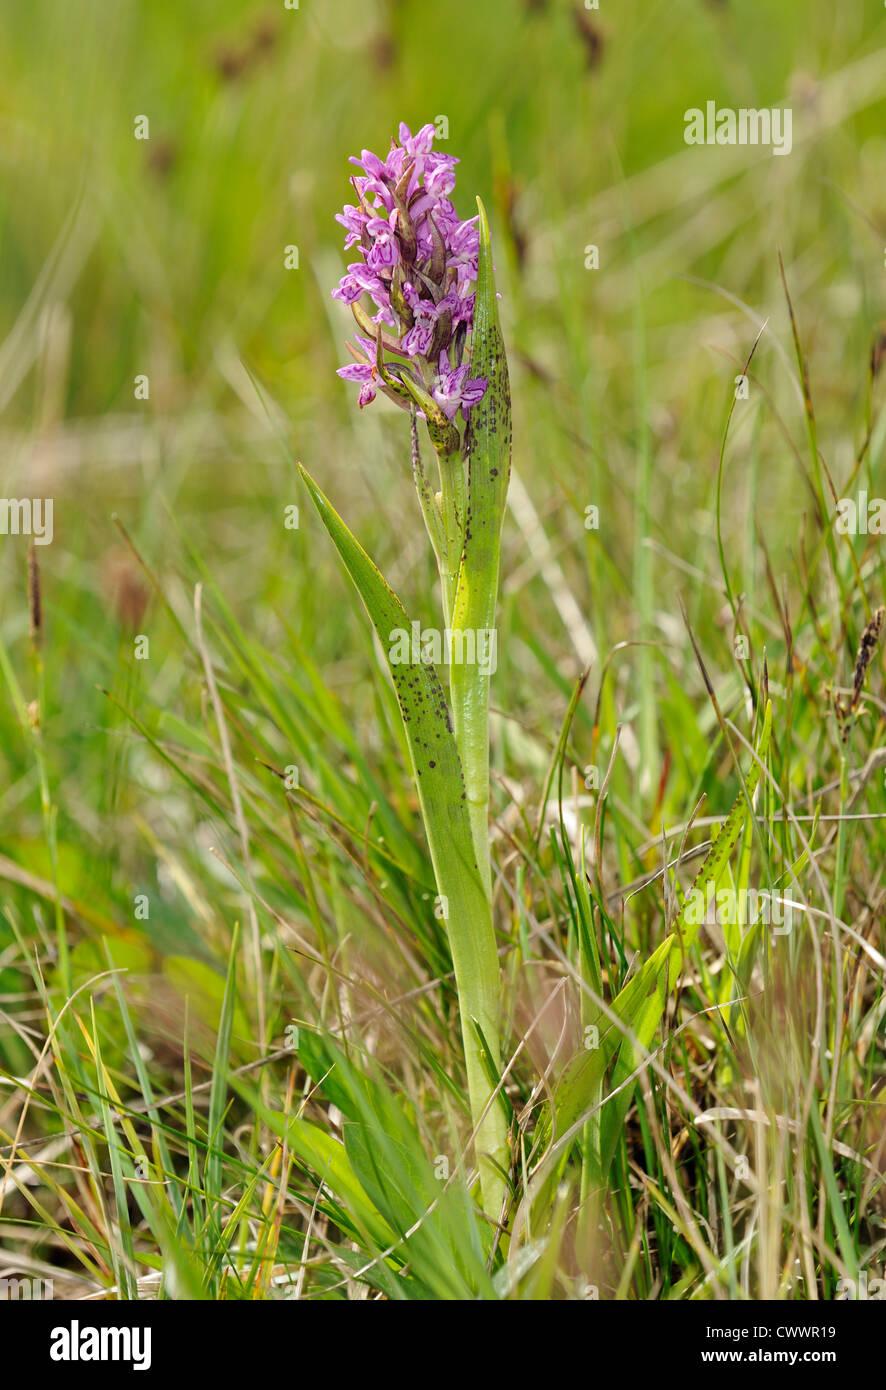 Flecked Marsh Orchid - Dactylorhiza incarnata cruenta Whole plant - Stock Image